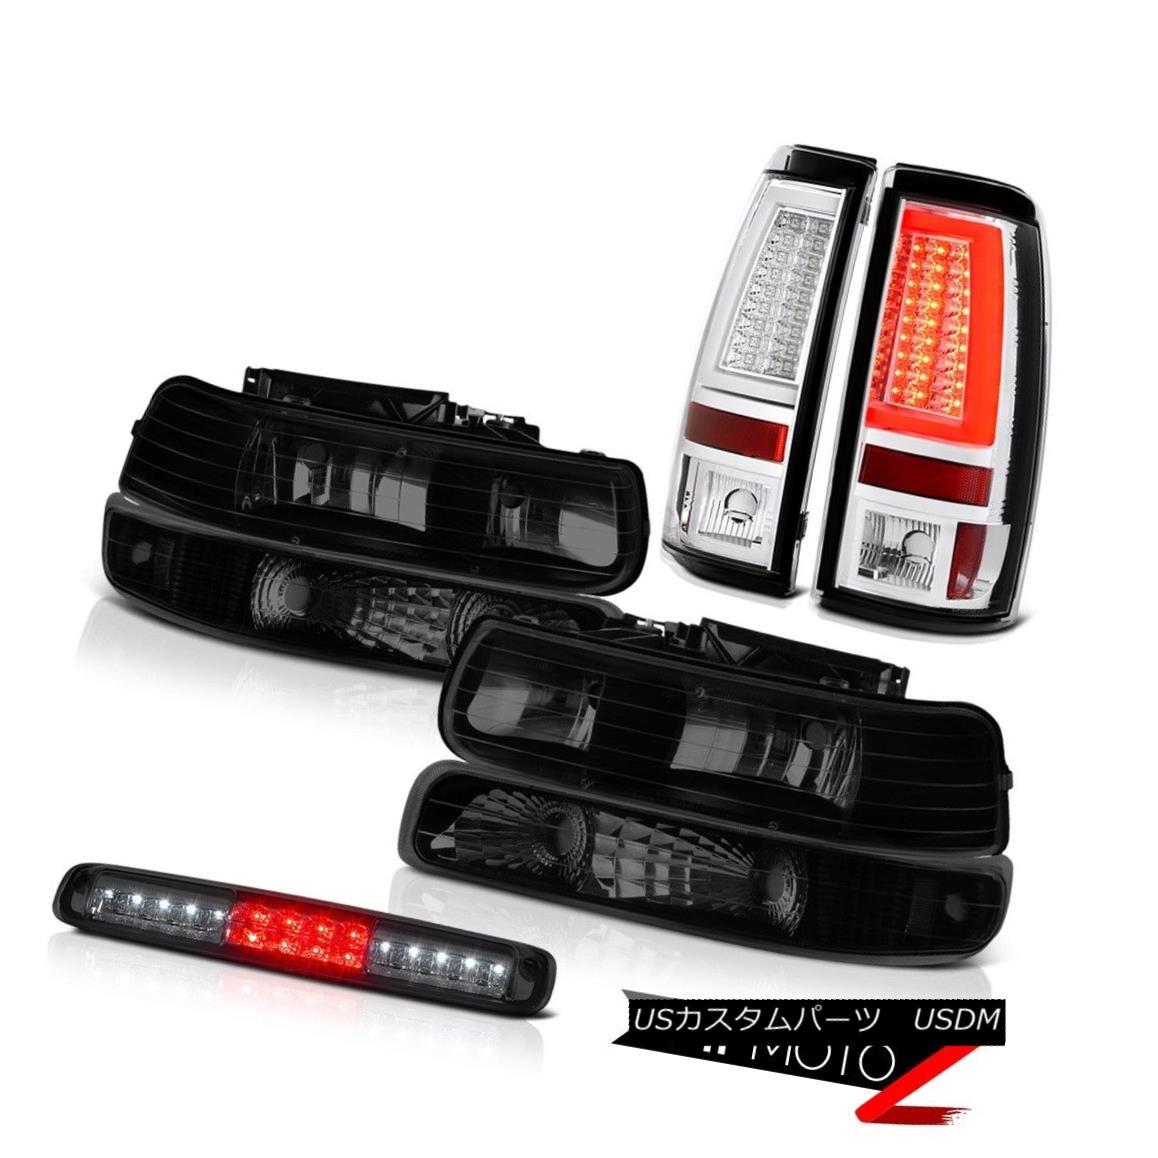 ヘッドライト 99-02 Silverado 1500 Rear Brake Lamps Headlamps Bumper Roof Cargo Light OE Style 99-02 Silverado 1500リアブレーキランプヘッドランプバンパールーフカーゴライトOEスタイル